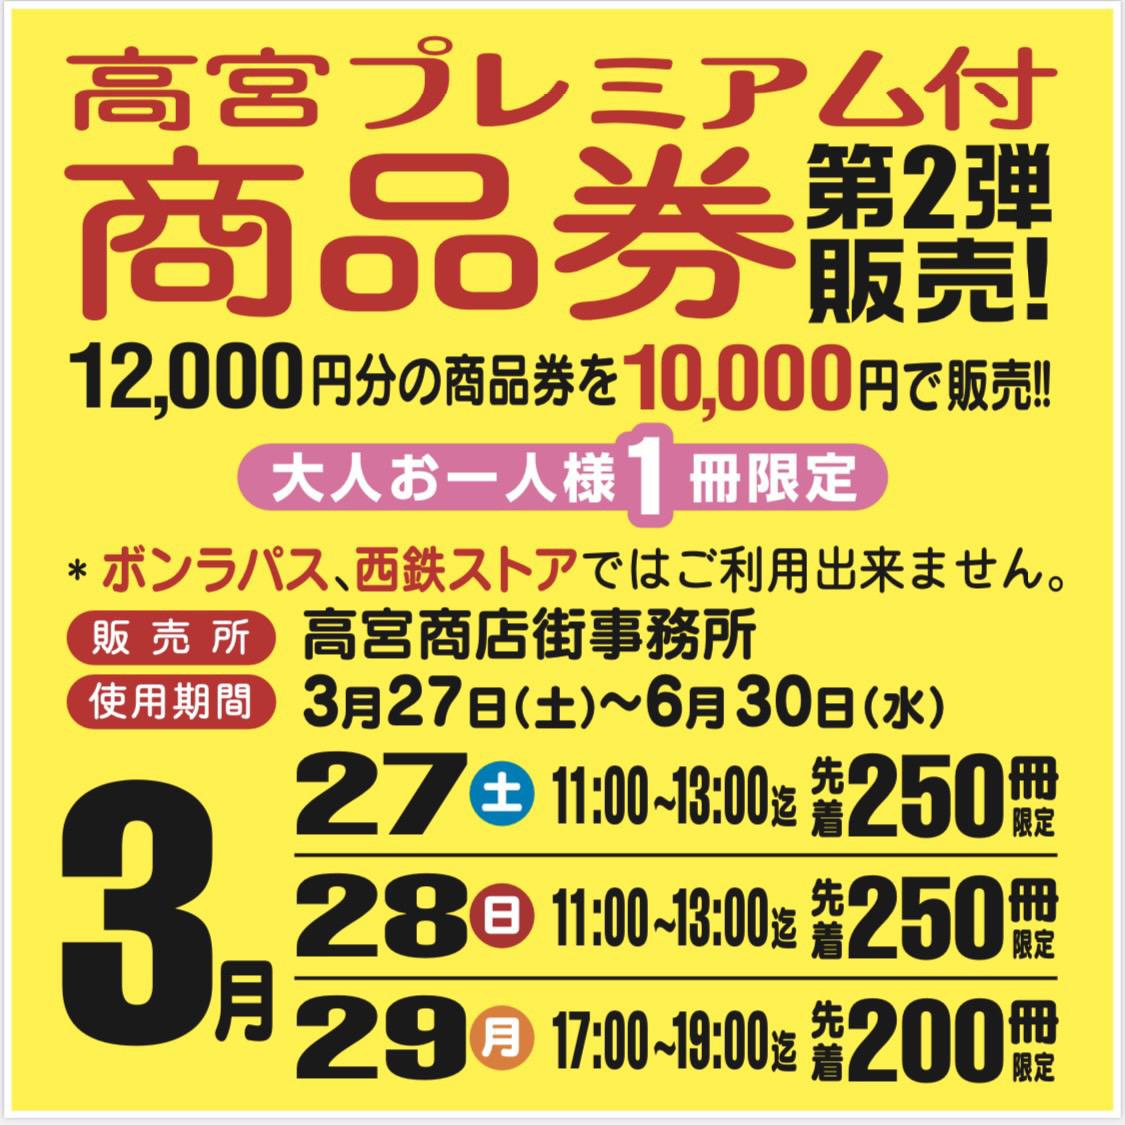 第二弾プレミアム付商品券発売02